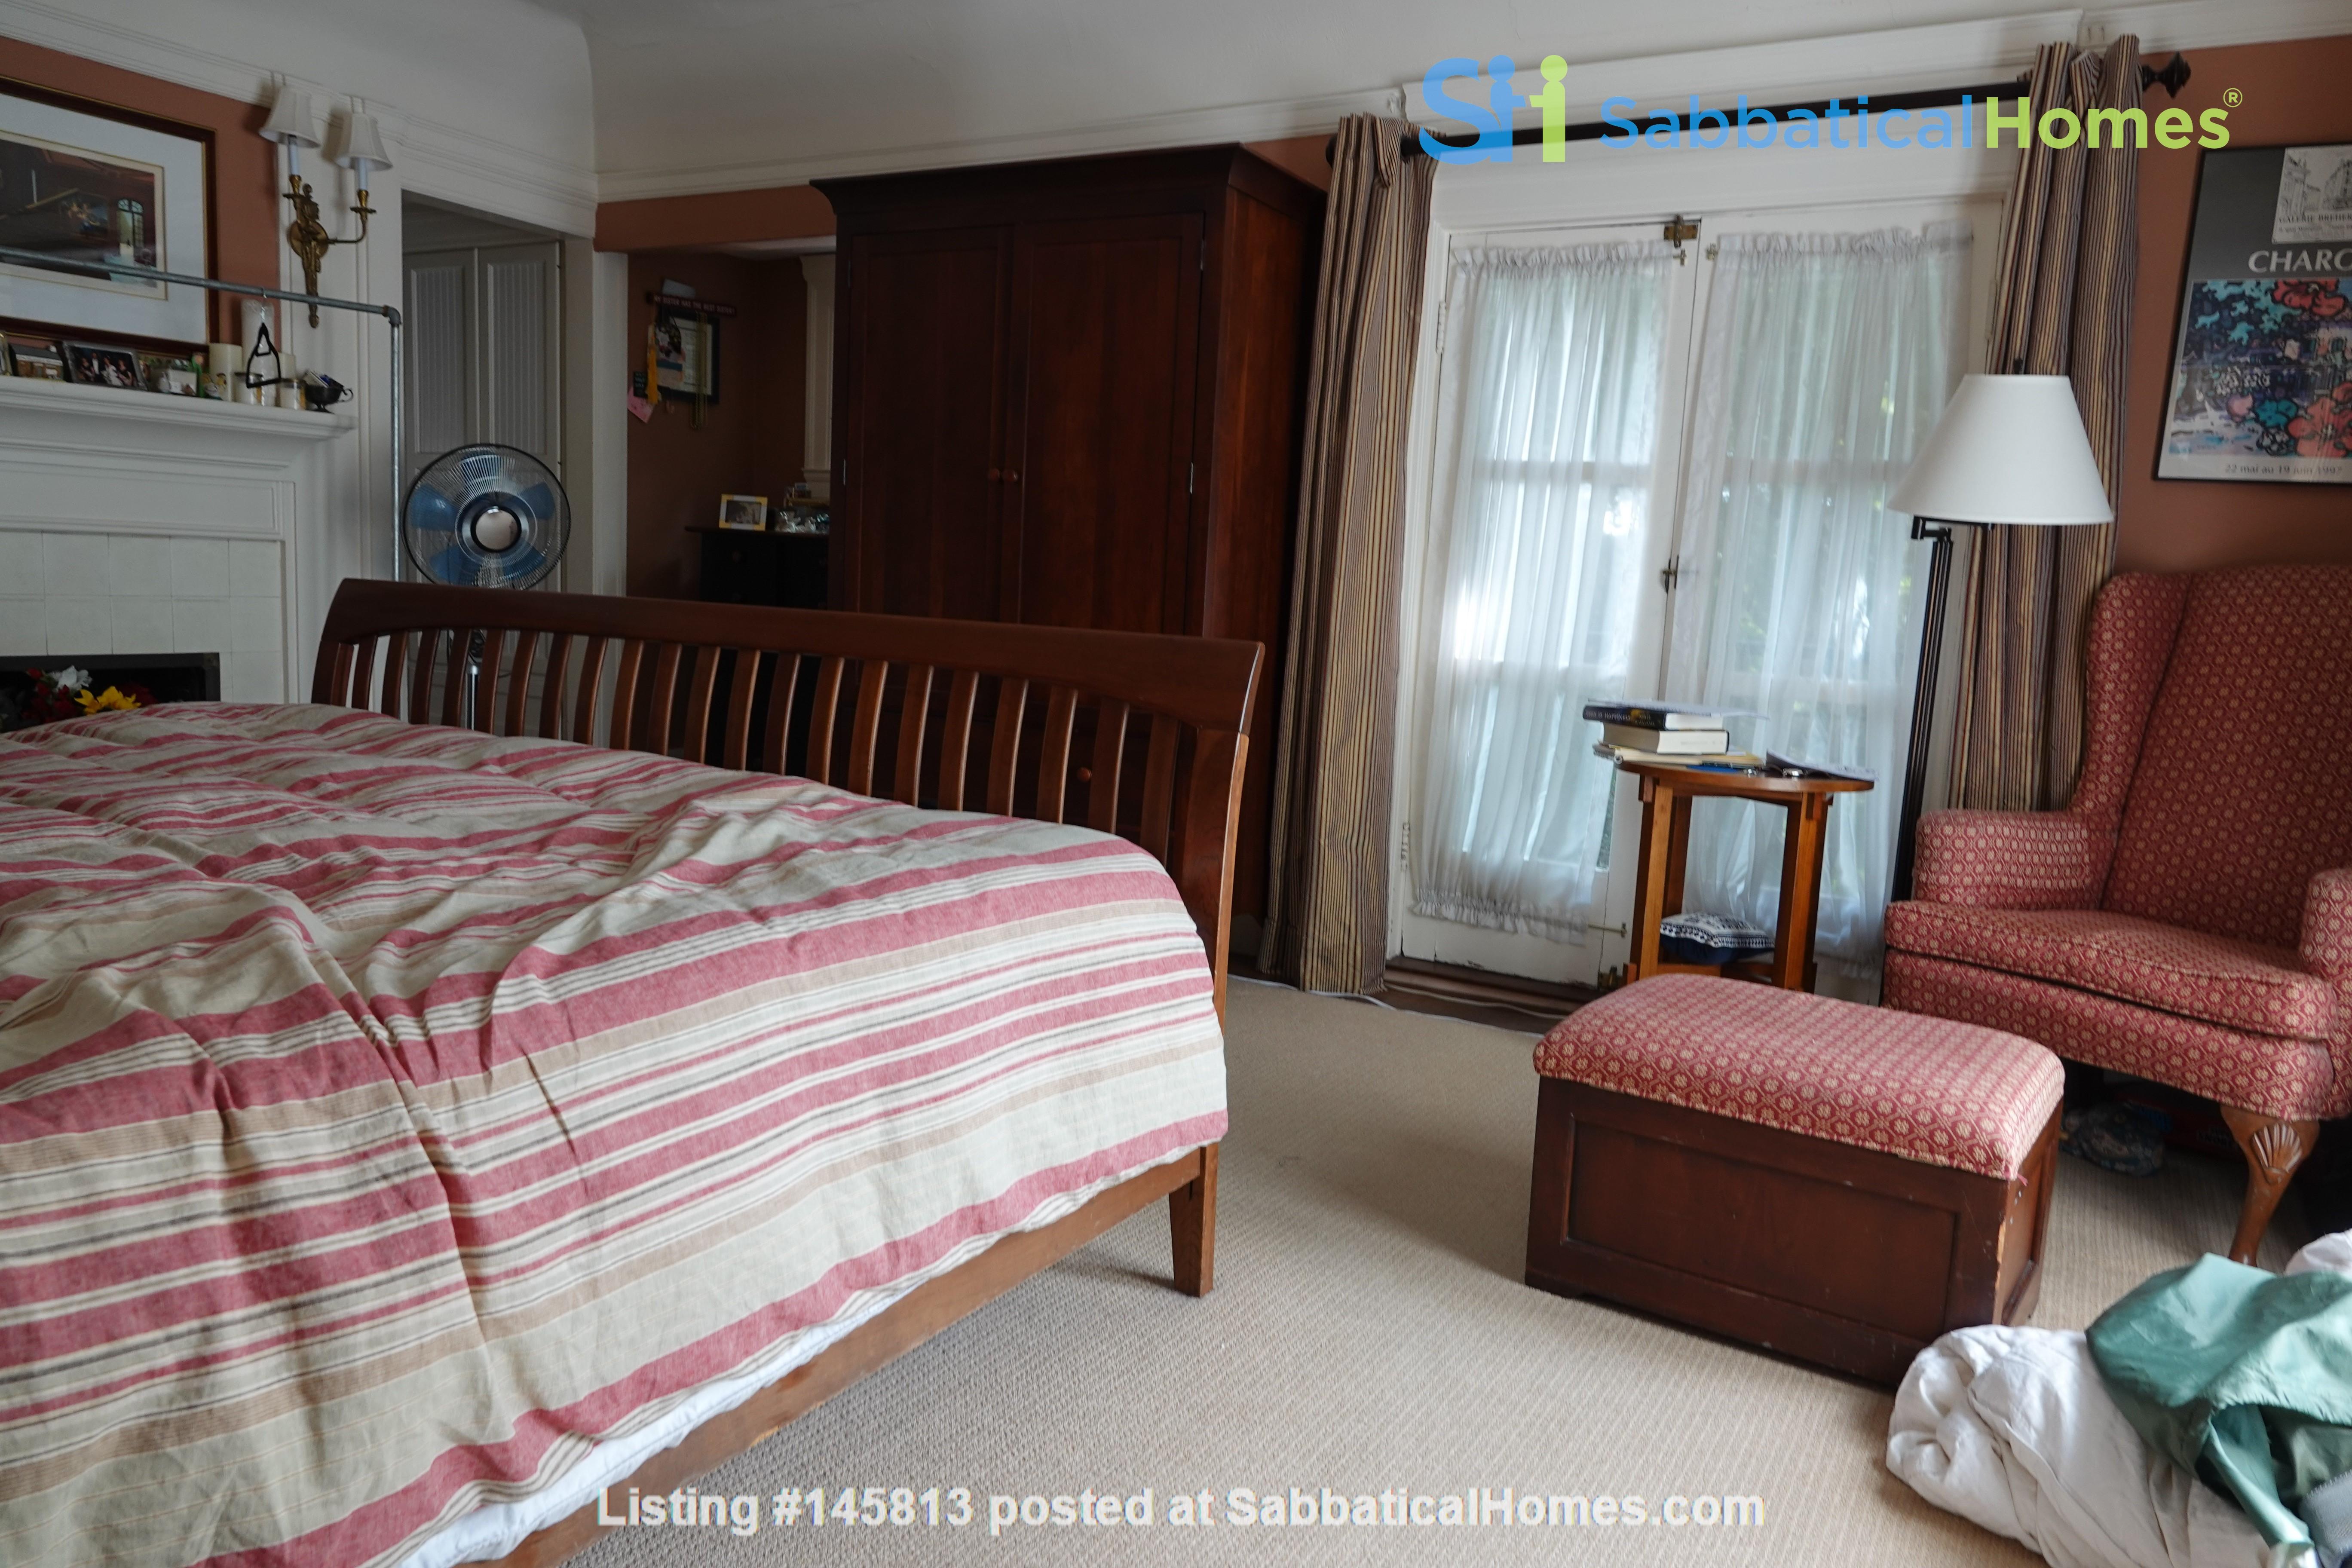 Looking for 2-3 bedroom in New York City Home Exchange in Berkeley 7